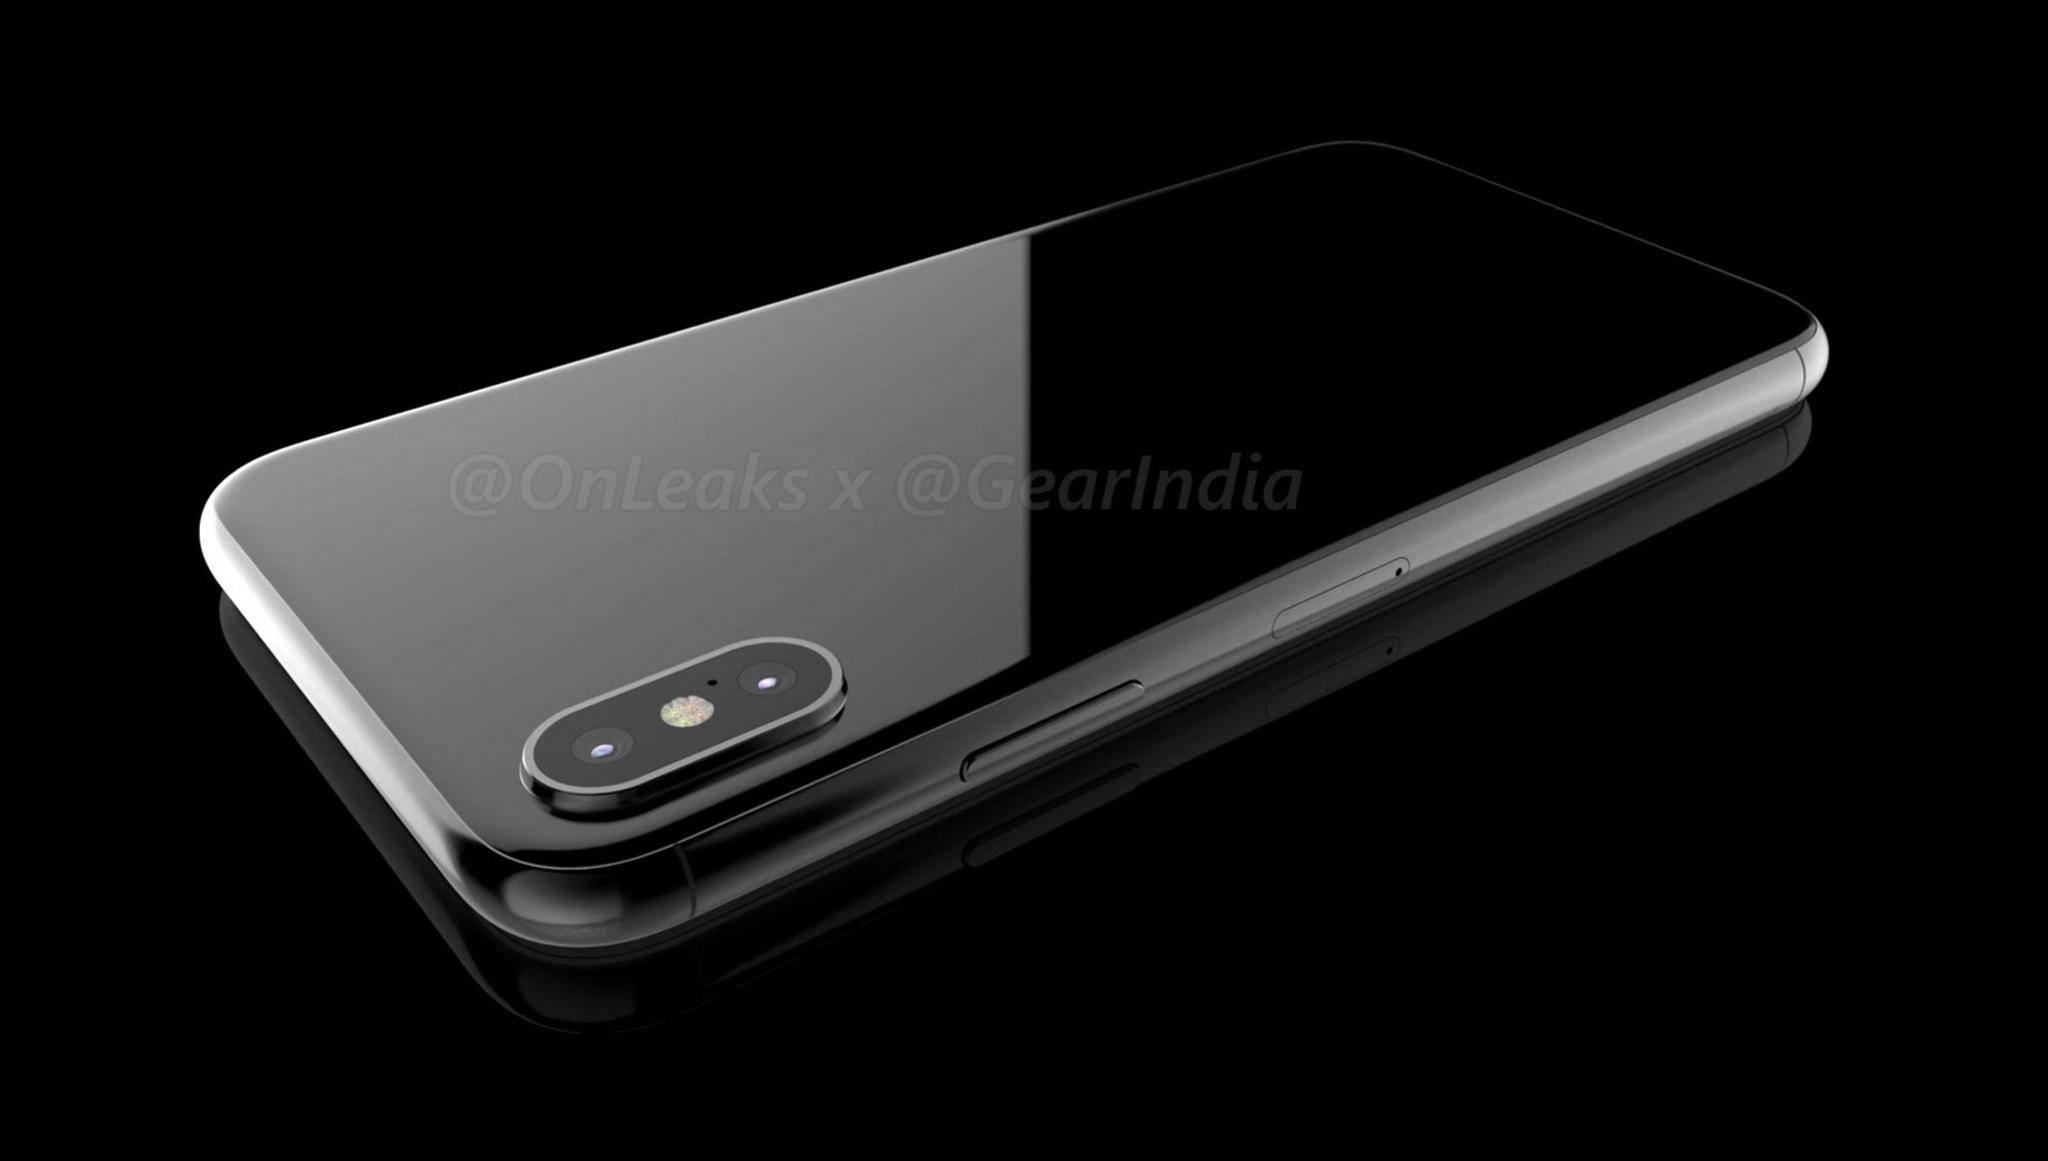 Wie gut wird die Kamera des iPhone 8? Mit dem neuen HEIF-Format ist schon mal eine effiziente Komprimierung sichergestellt.